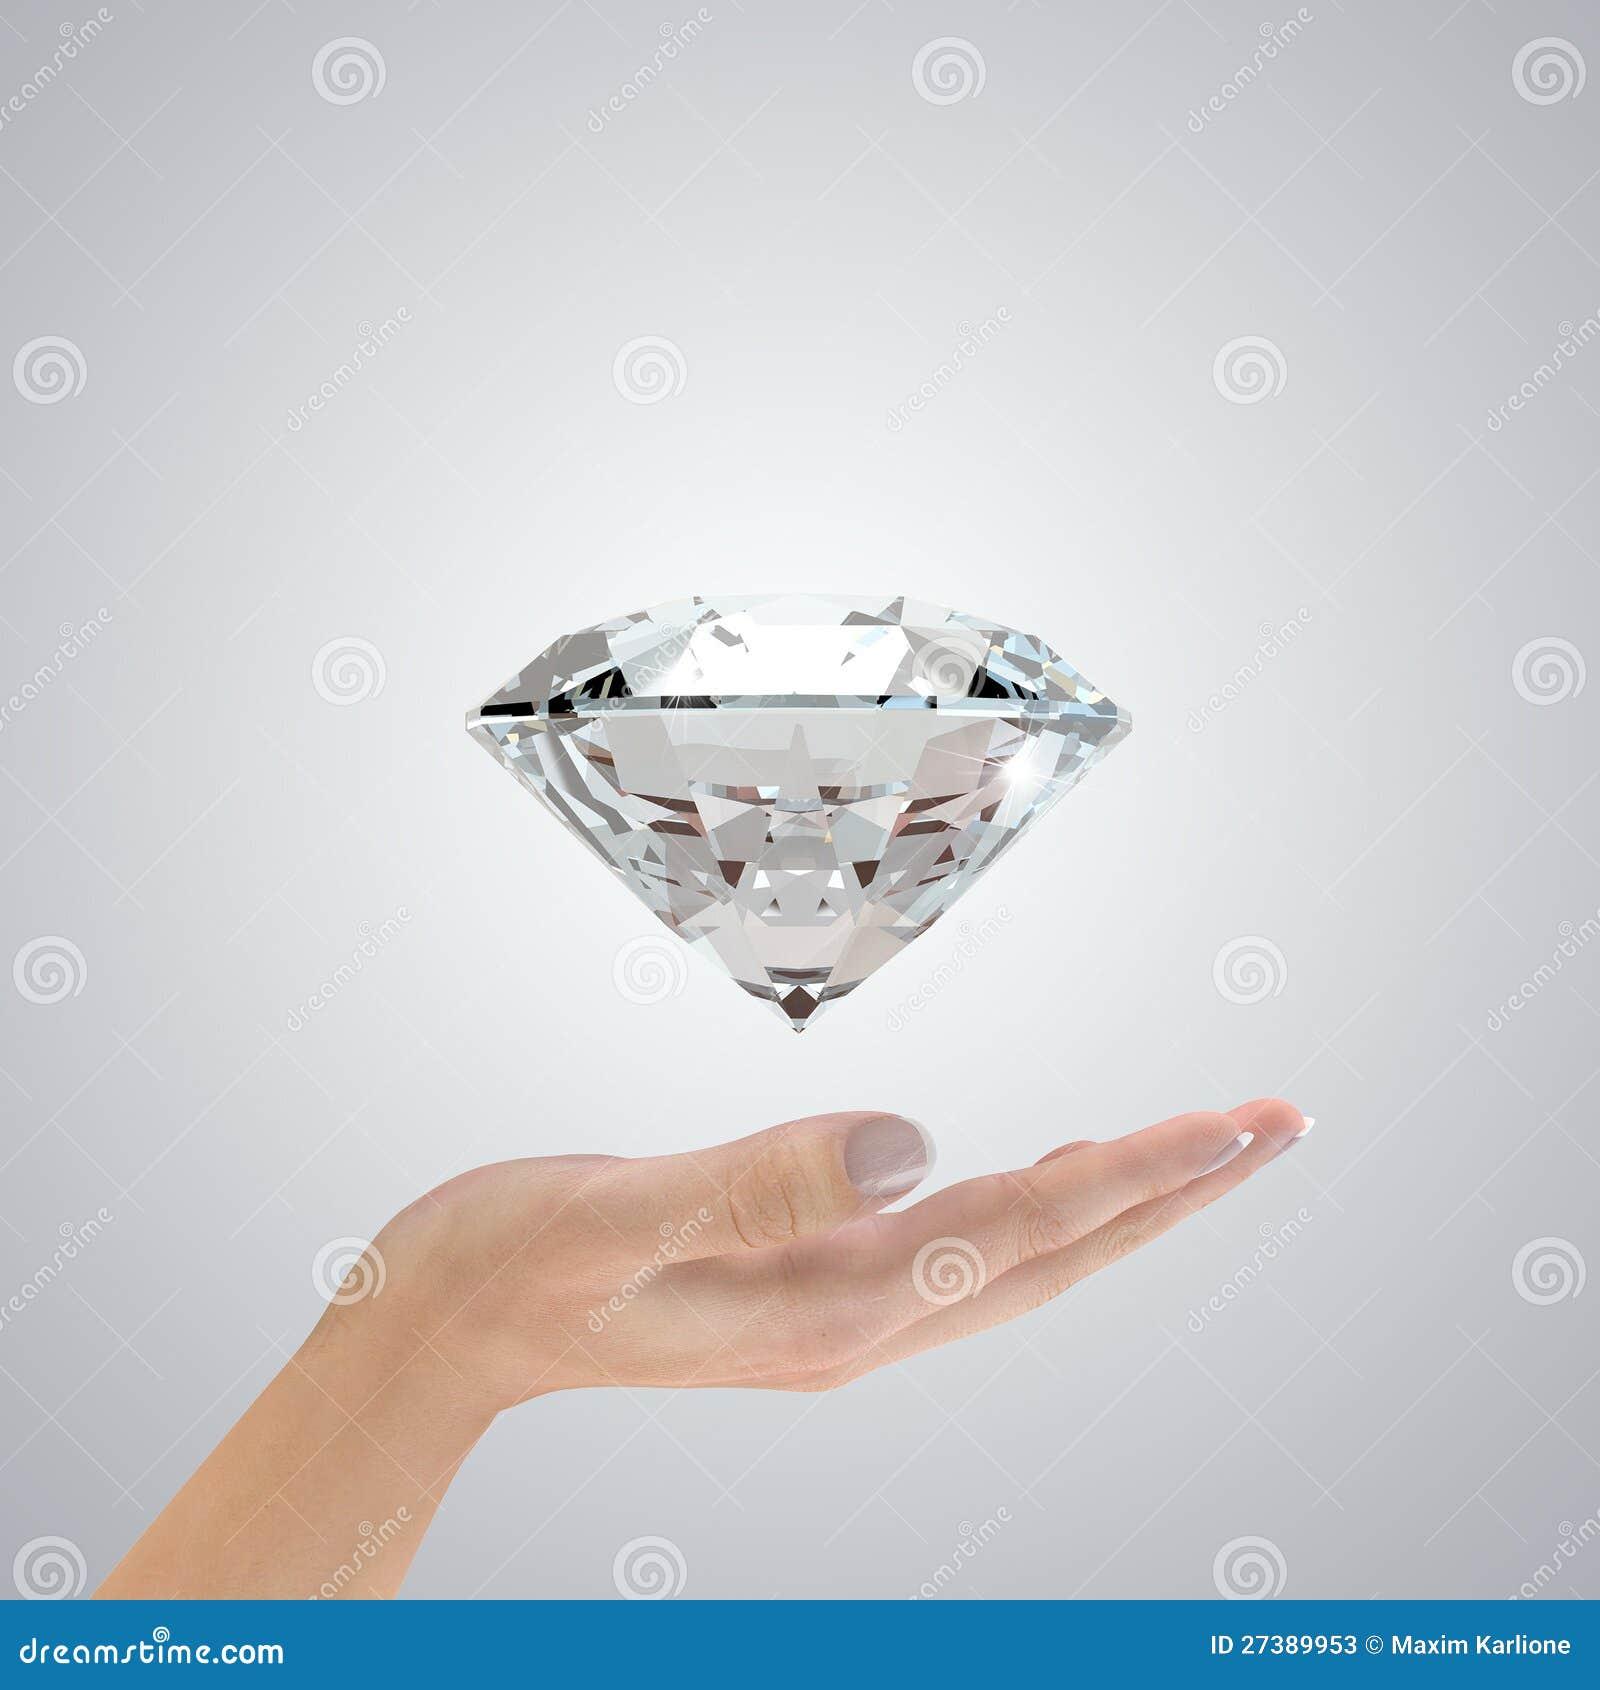 Diamant in den Händen stockbild. Bild von hände, diamant - 27389953